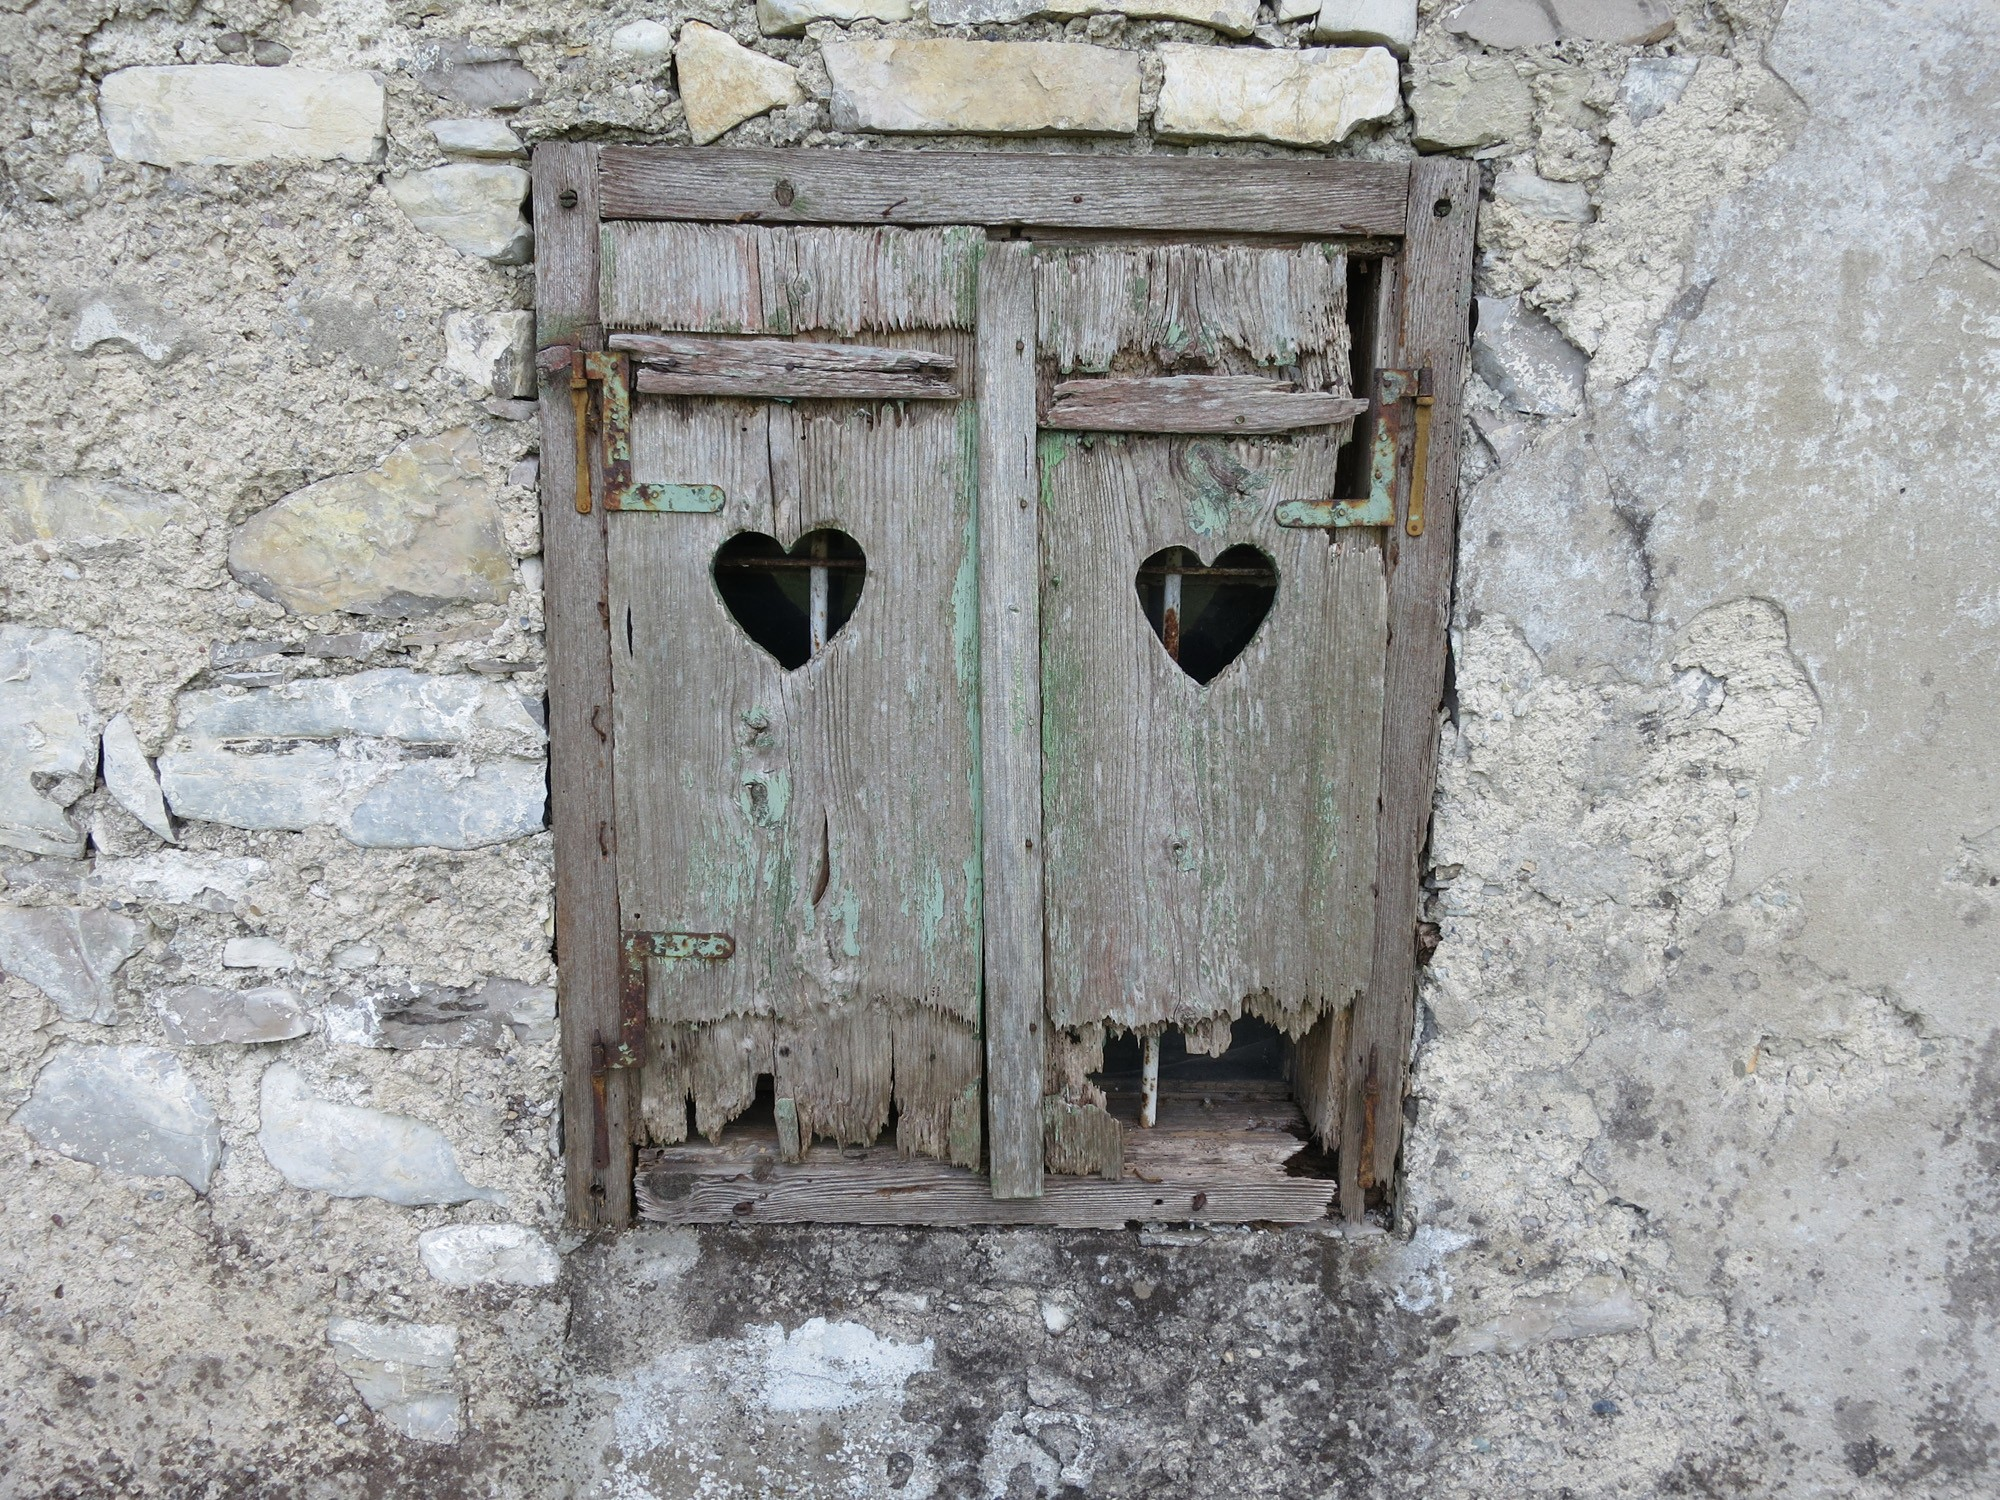 Kaputte Holzläden eines Fensters mit Herzen